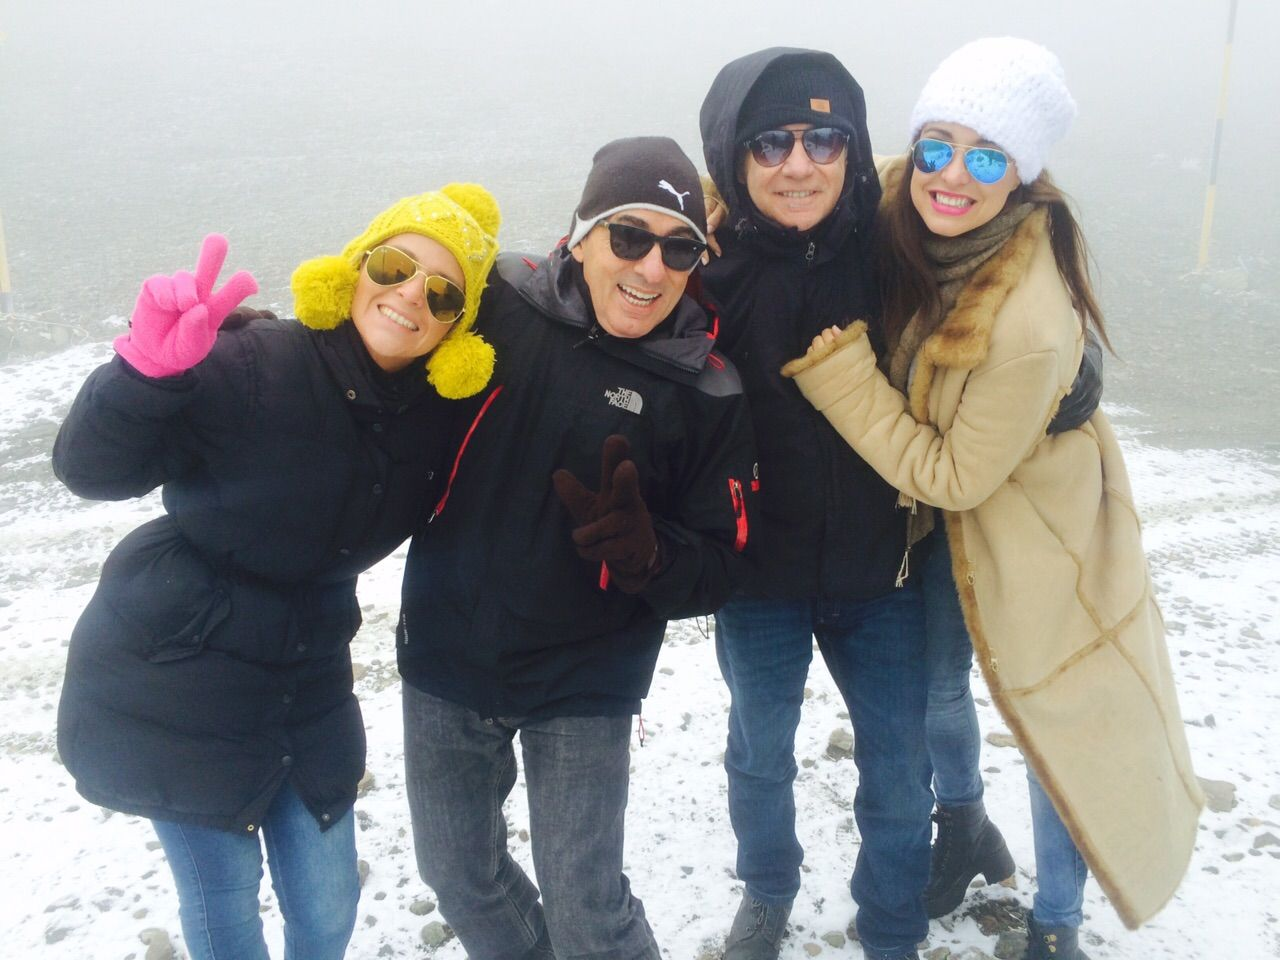 Andrea Estévez, Federico Bal y Ravelli, esquiando en Bariloche: fotos y un divertido video